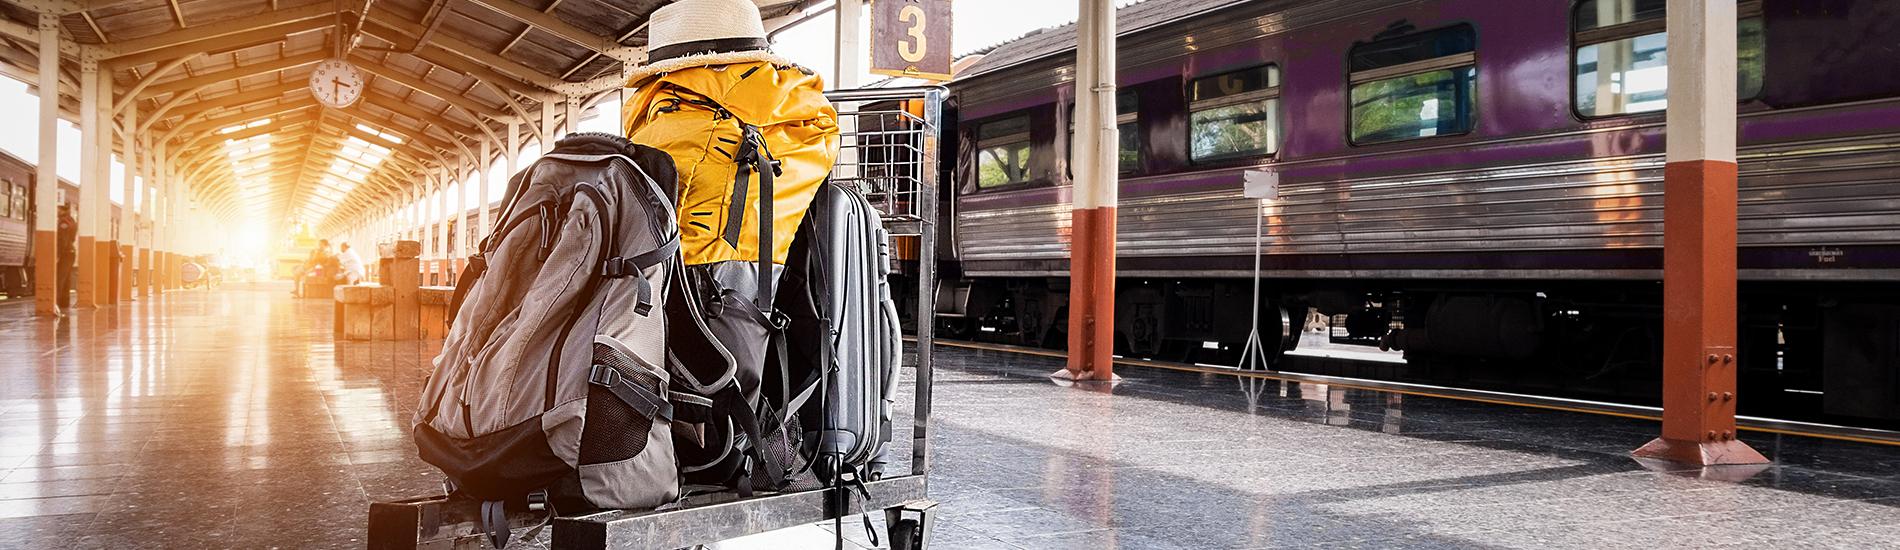 Uszkodzony lub zagubiony bagaż – jakie kroki należy podjąć?